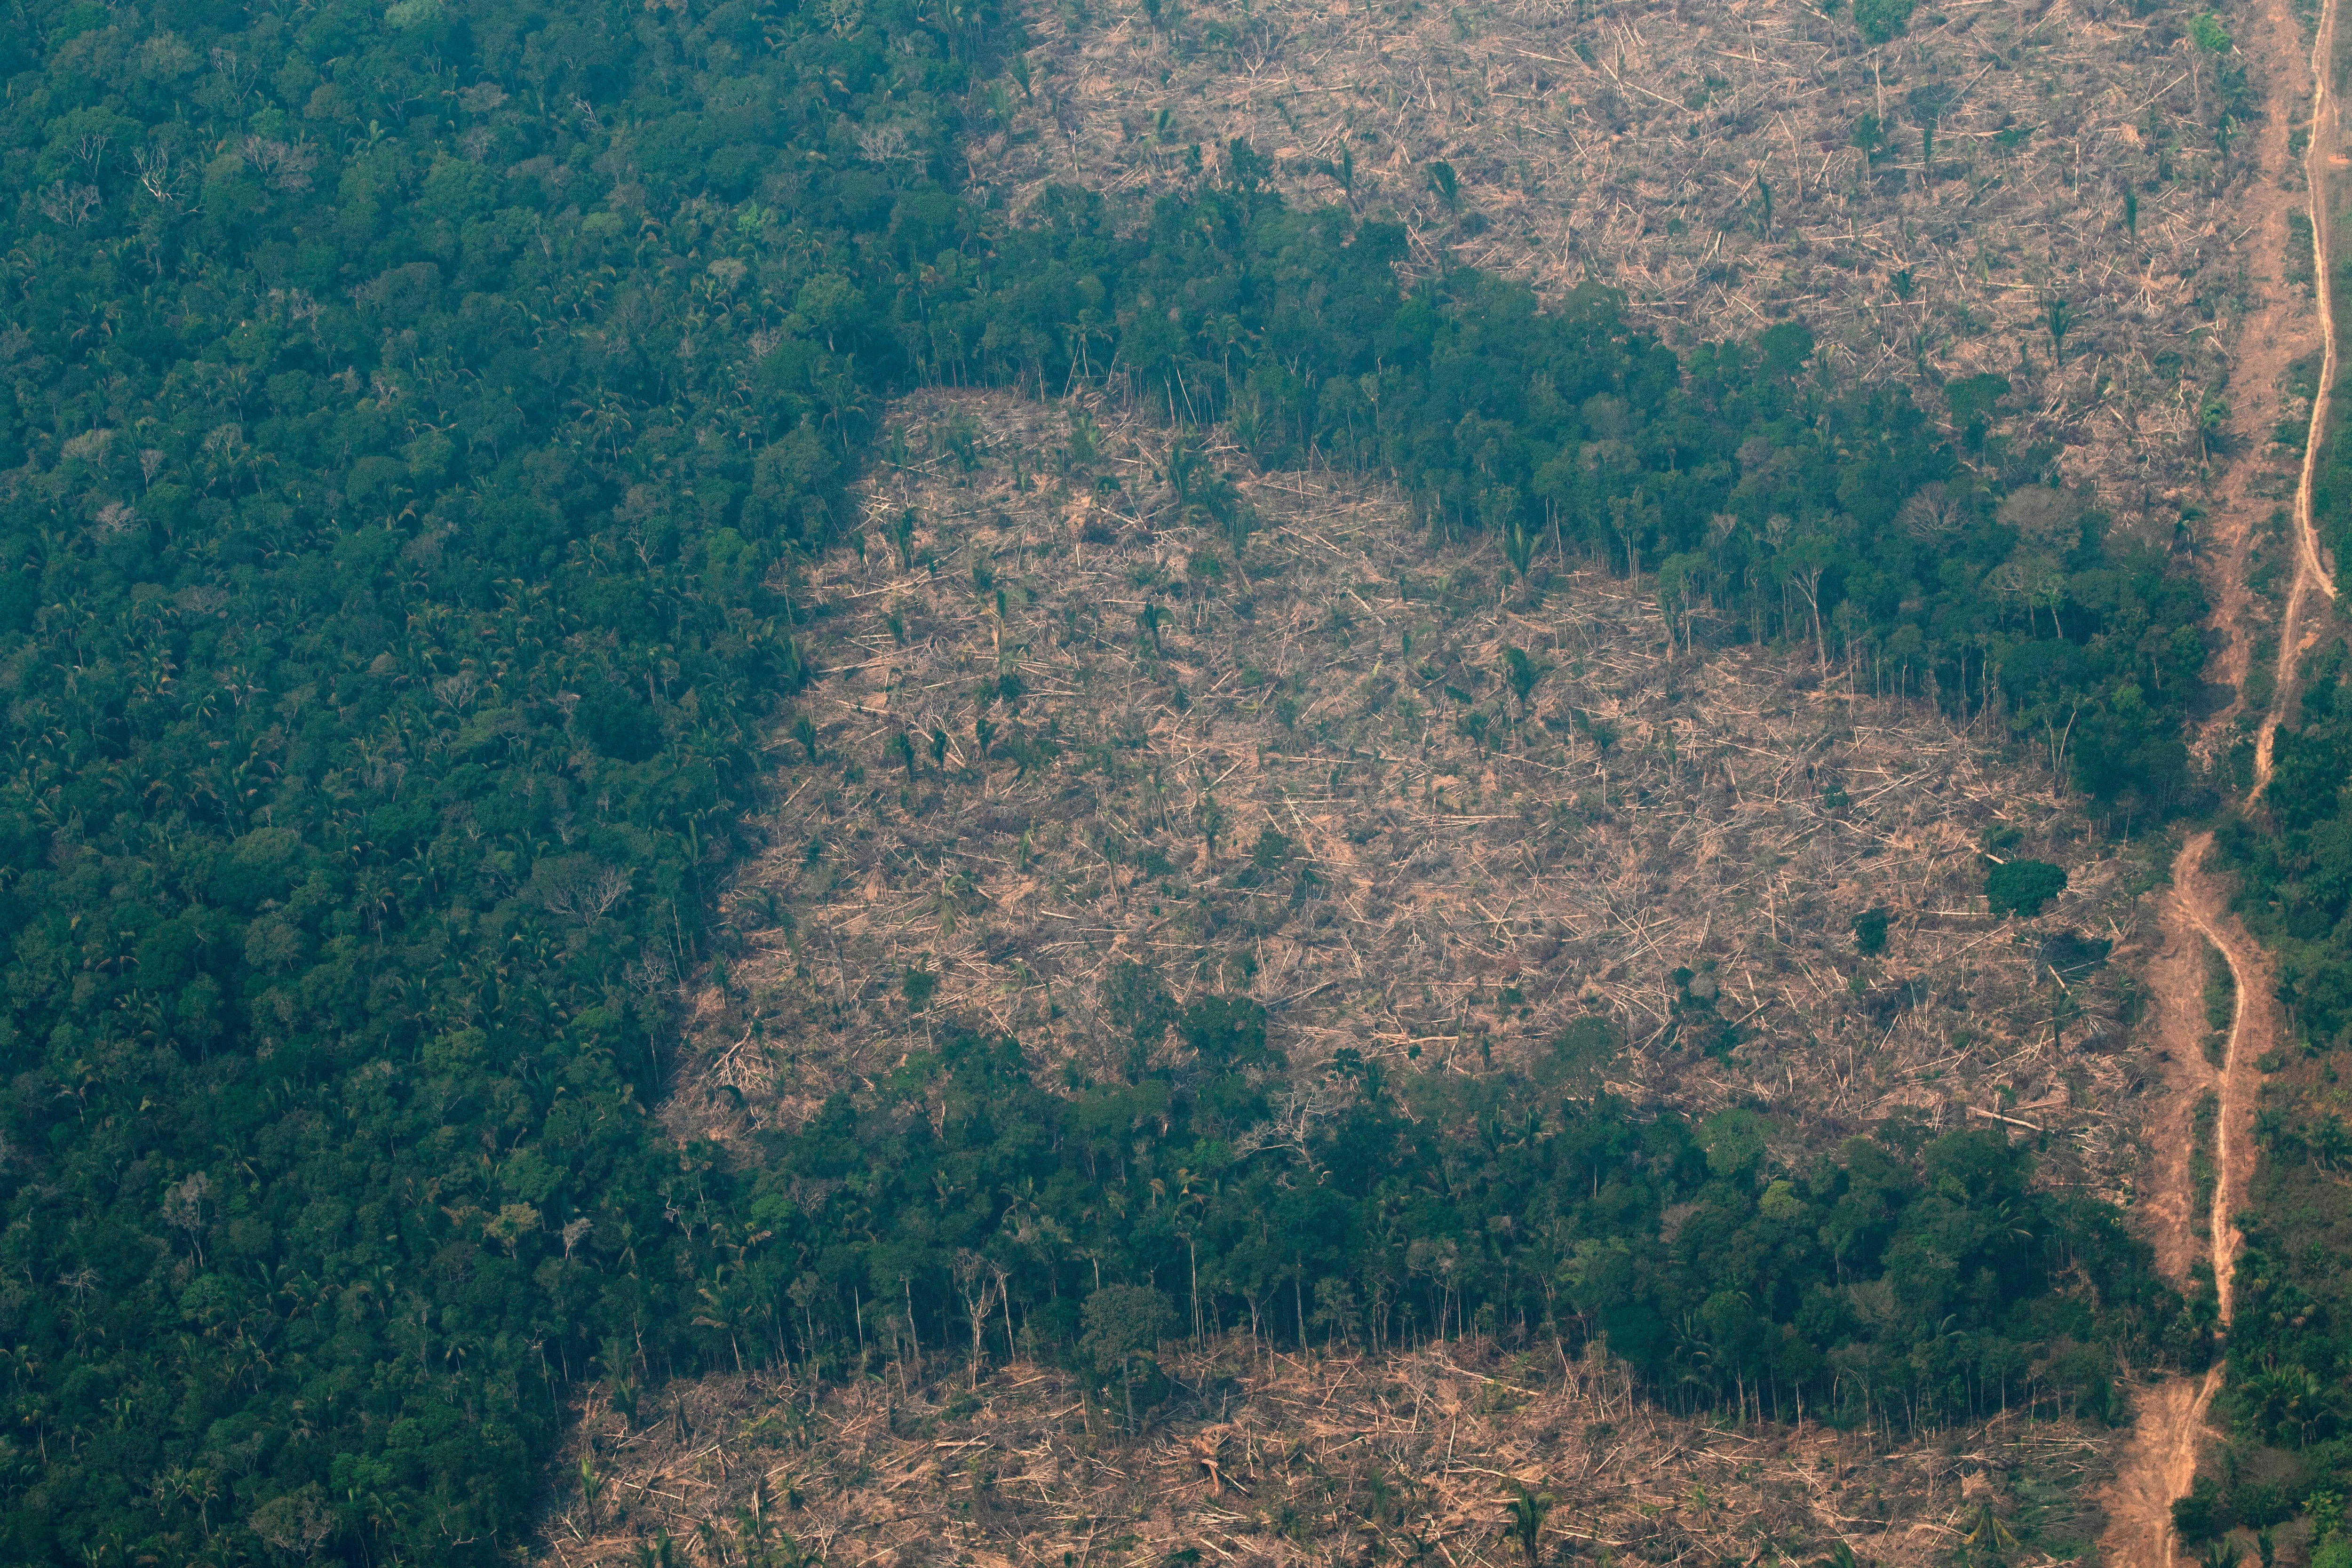 Vista aérea de áreas deforestadas de la selva amazónica en Brasil, en foto de archivo. EFE/ Joédson Alves